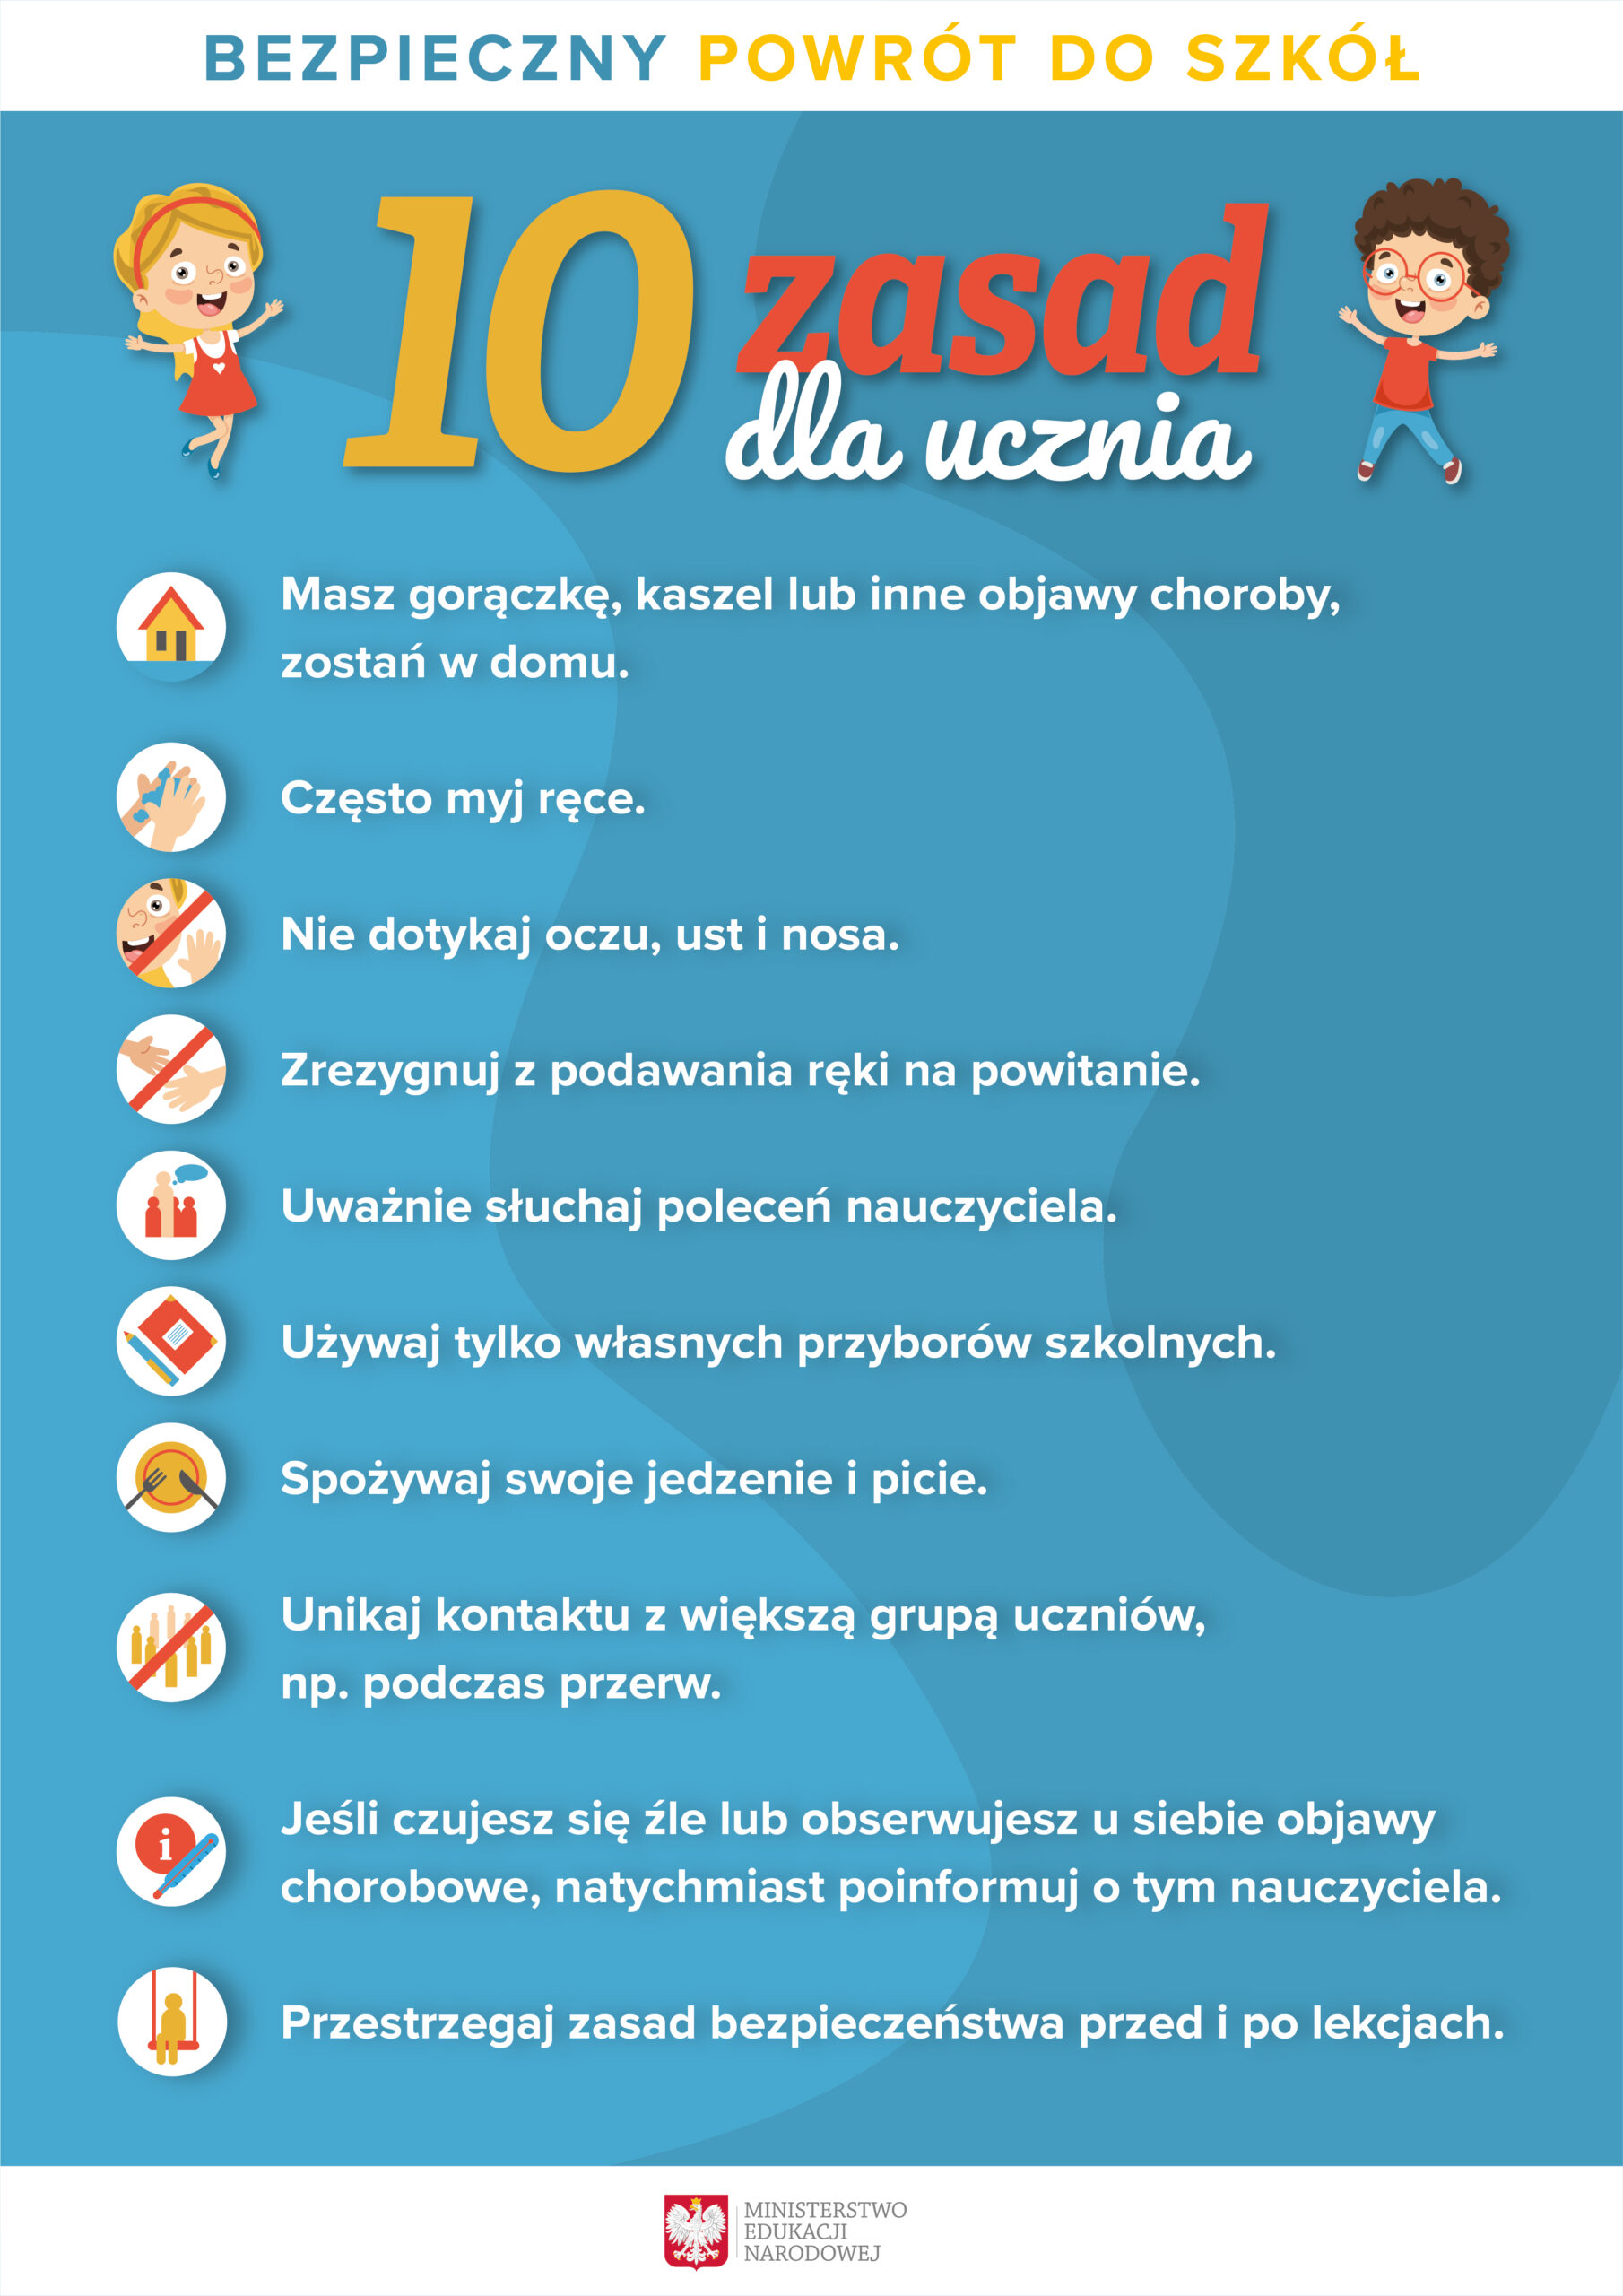 Plakat - 10 zasad dla ucznia w związku z powrotem do szkół